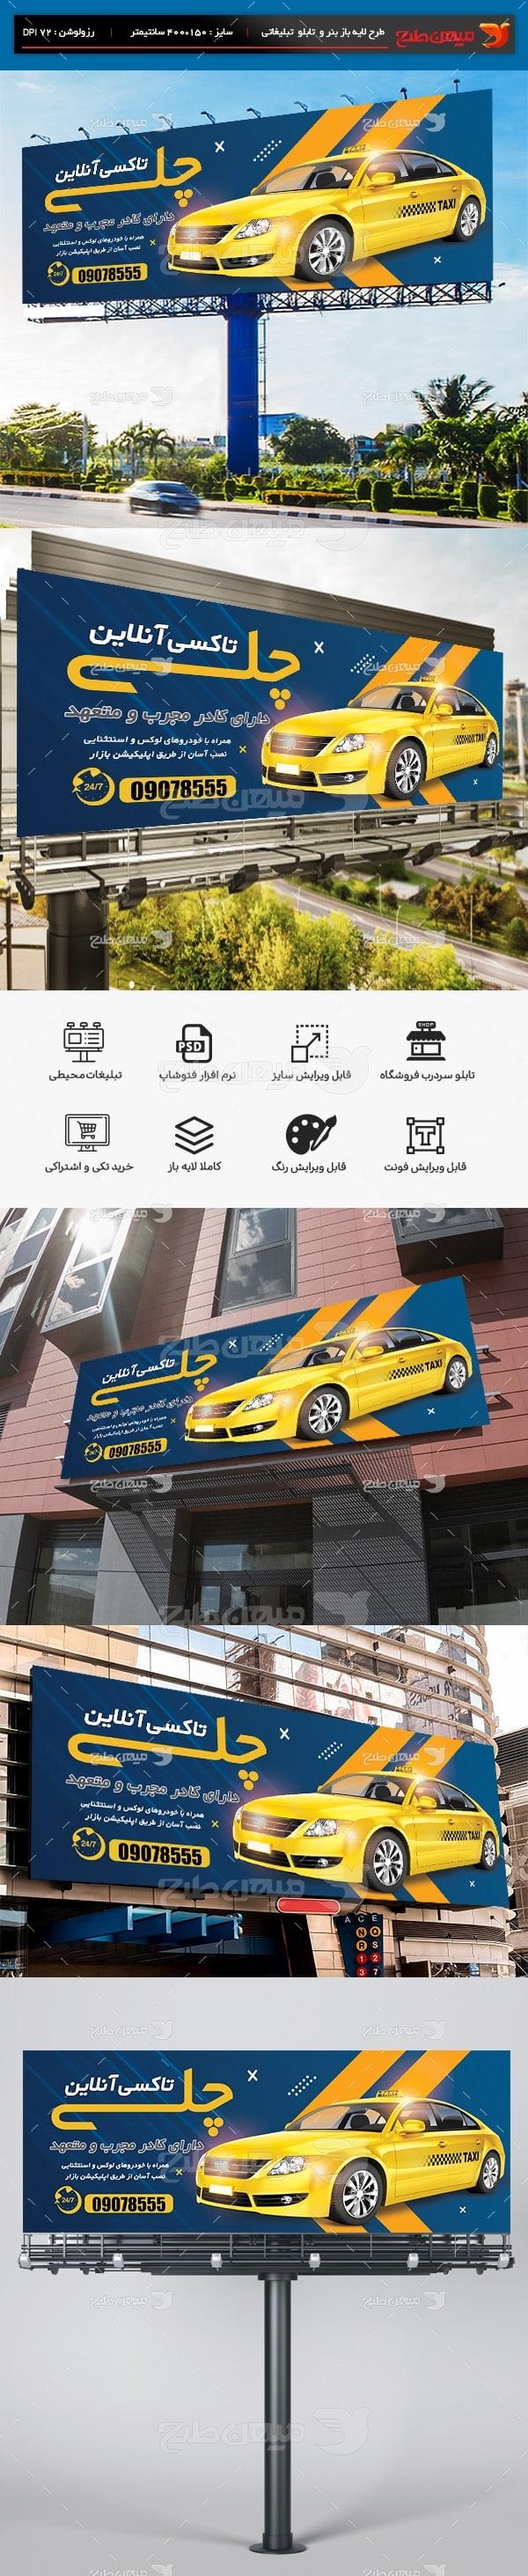 طرح بنر آژانس تاکسی آنلاین